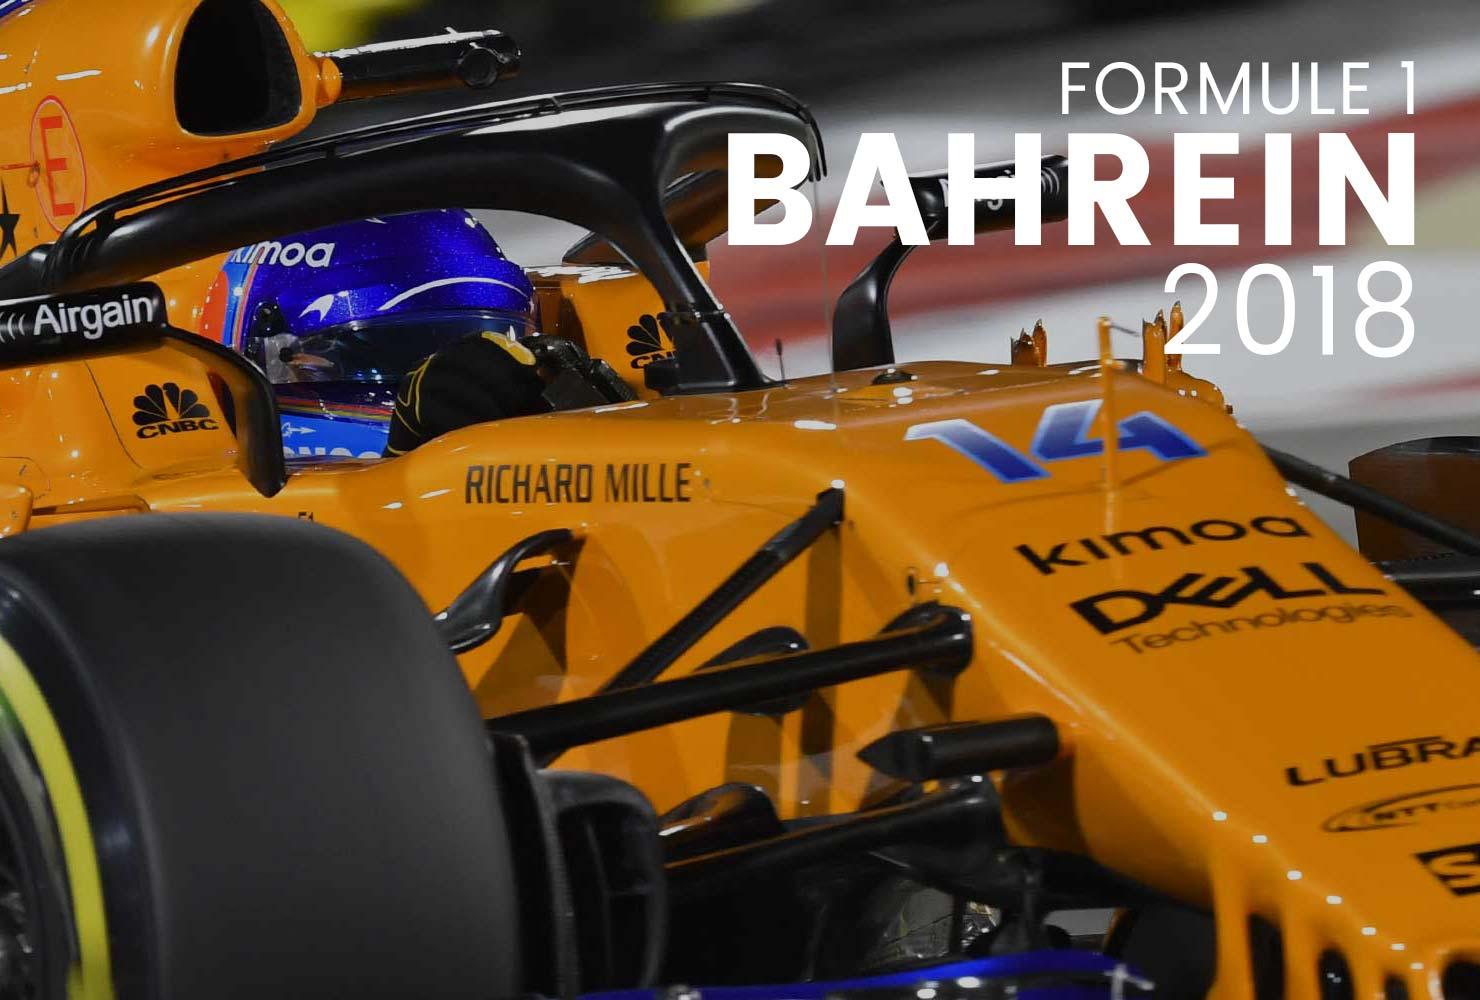 Alle foto's van de Grand Prix van Bahrein 2018 vind je hier! Je kan ze laten drukken op een poster, canvas en zelfs op behang!